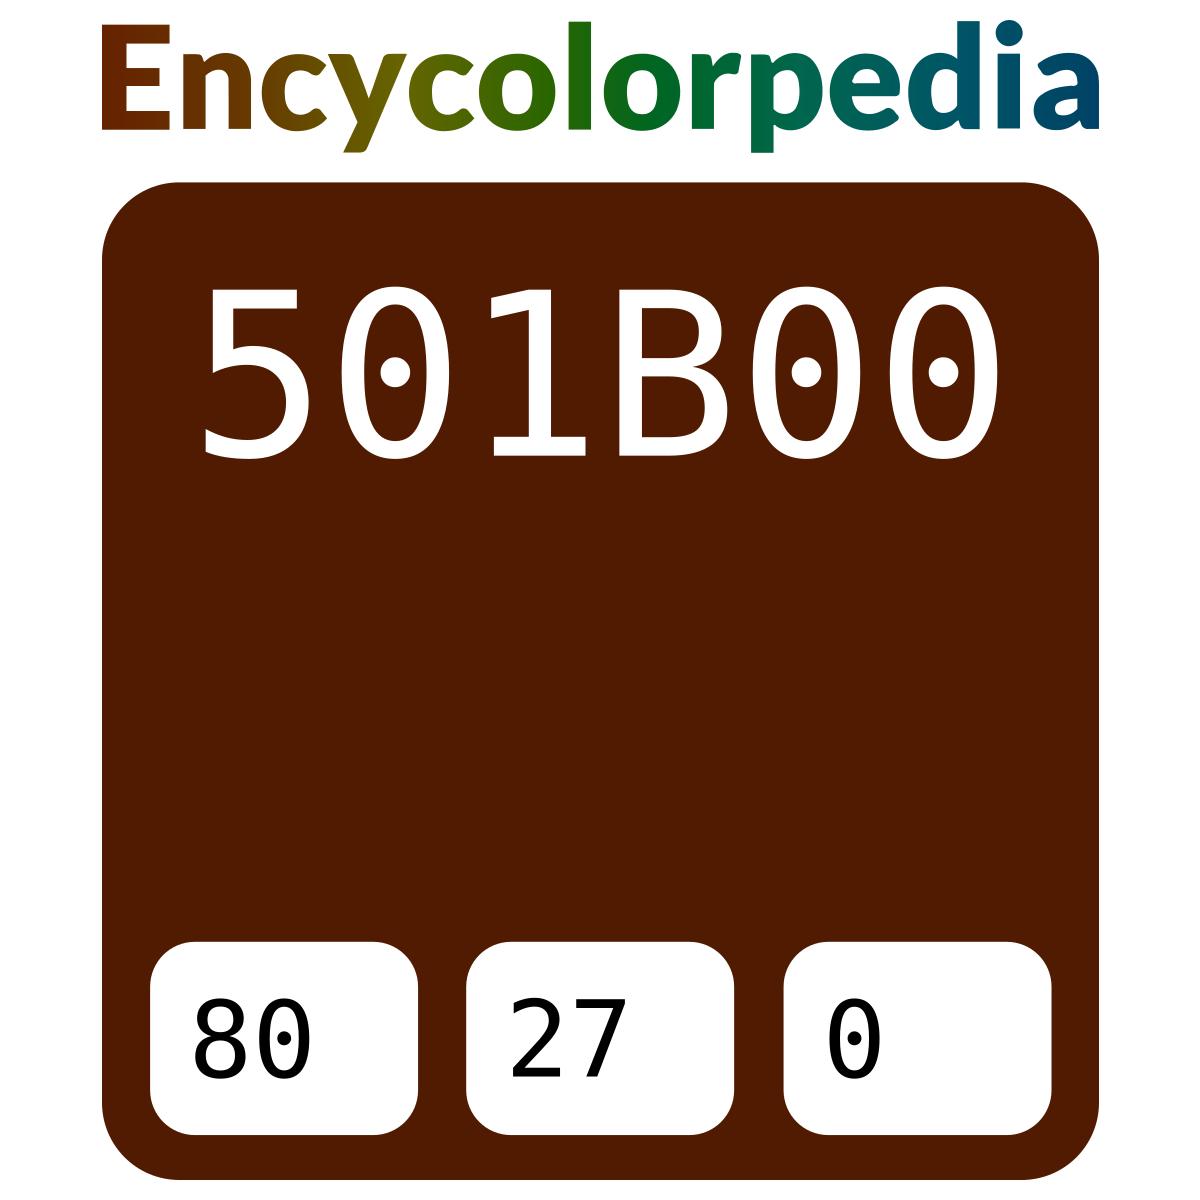 Krylon Leather Brown / #501b00 Hex Color Code Schemes & Paints